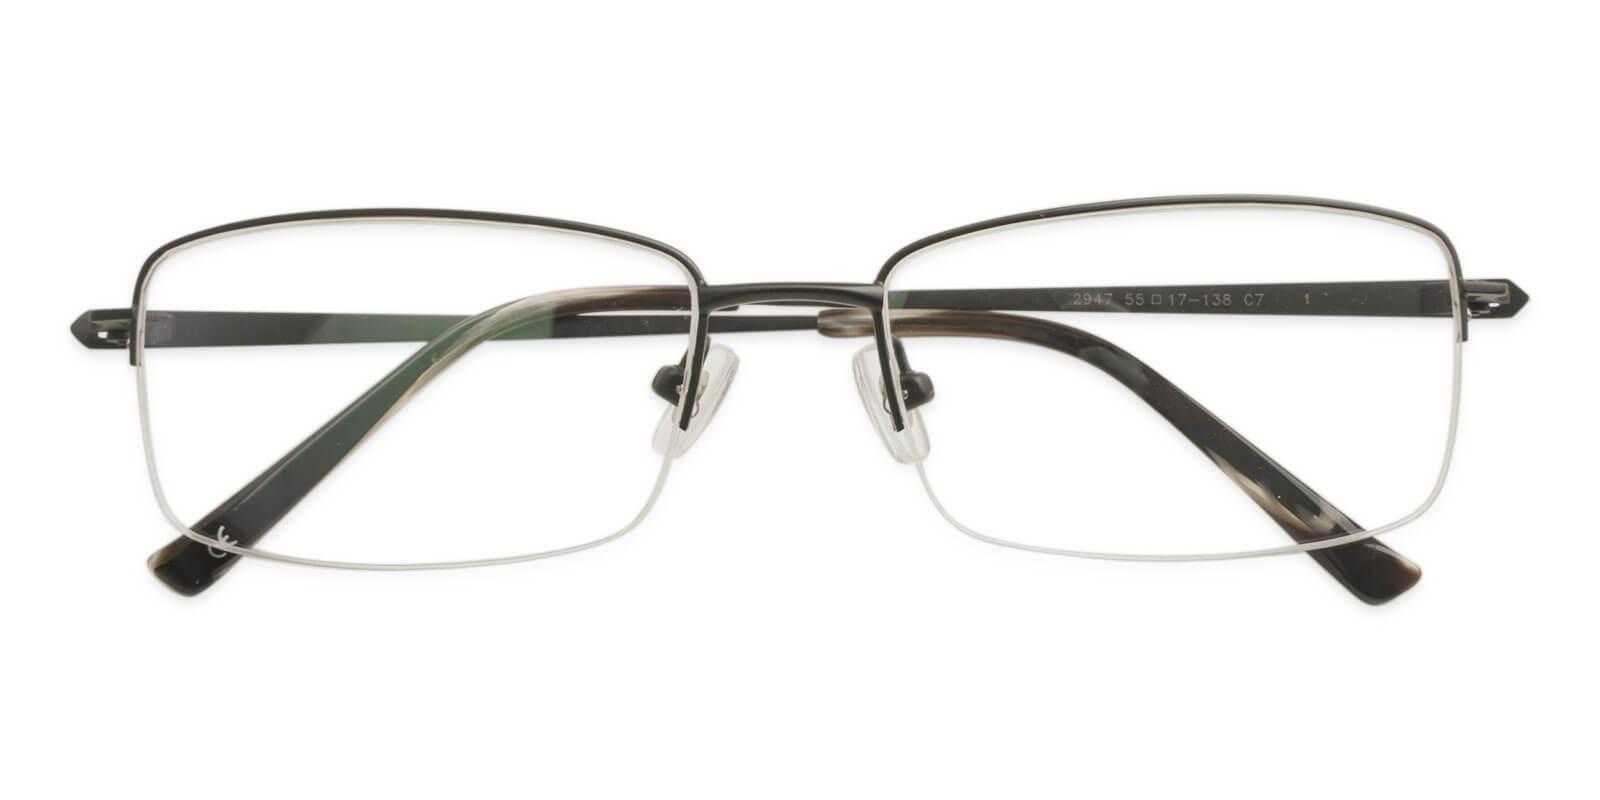 Oliver Black Titanium Eyeglasses , NosePads Frames from ABBE Glasses